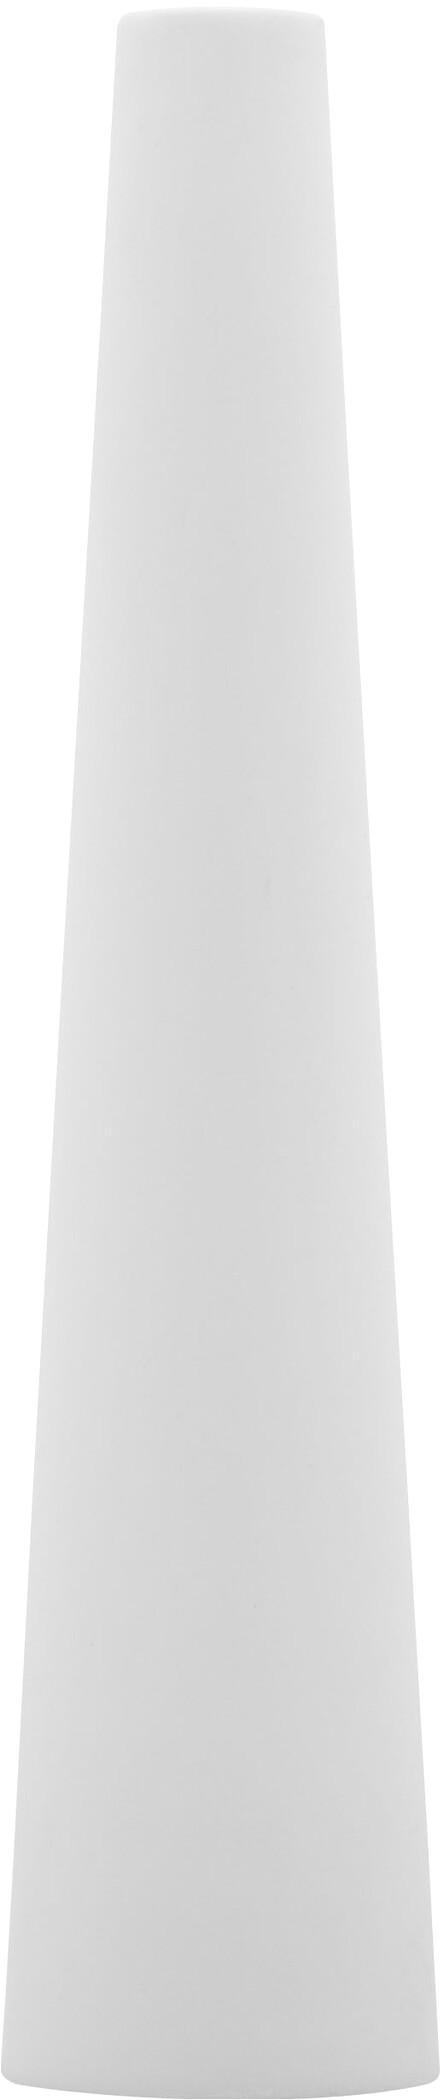 led lenser signal cone 26mm black jpg